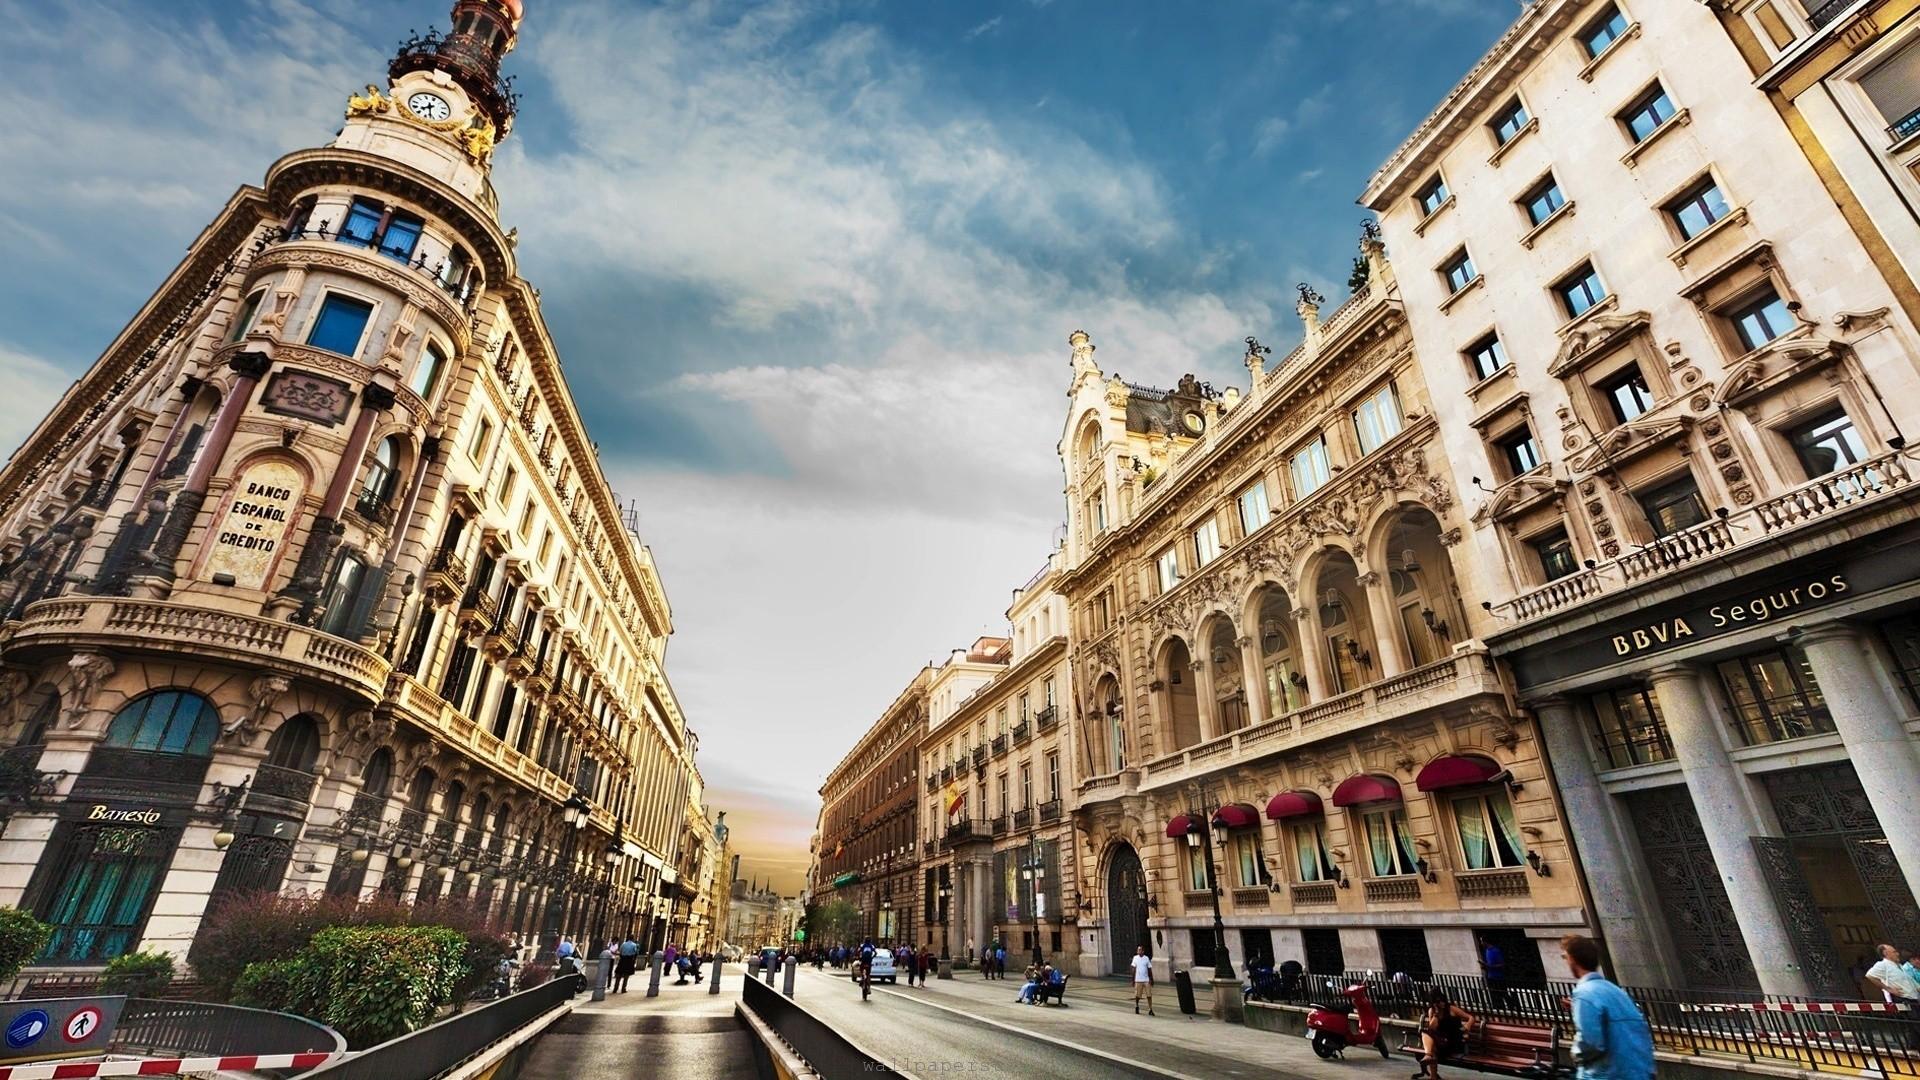 Kì thì đầu vào đại học Tây Ban Nha bạn phải biết?